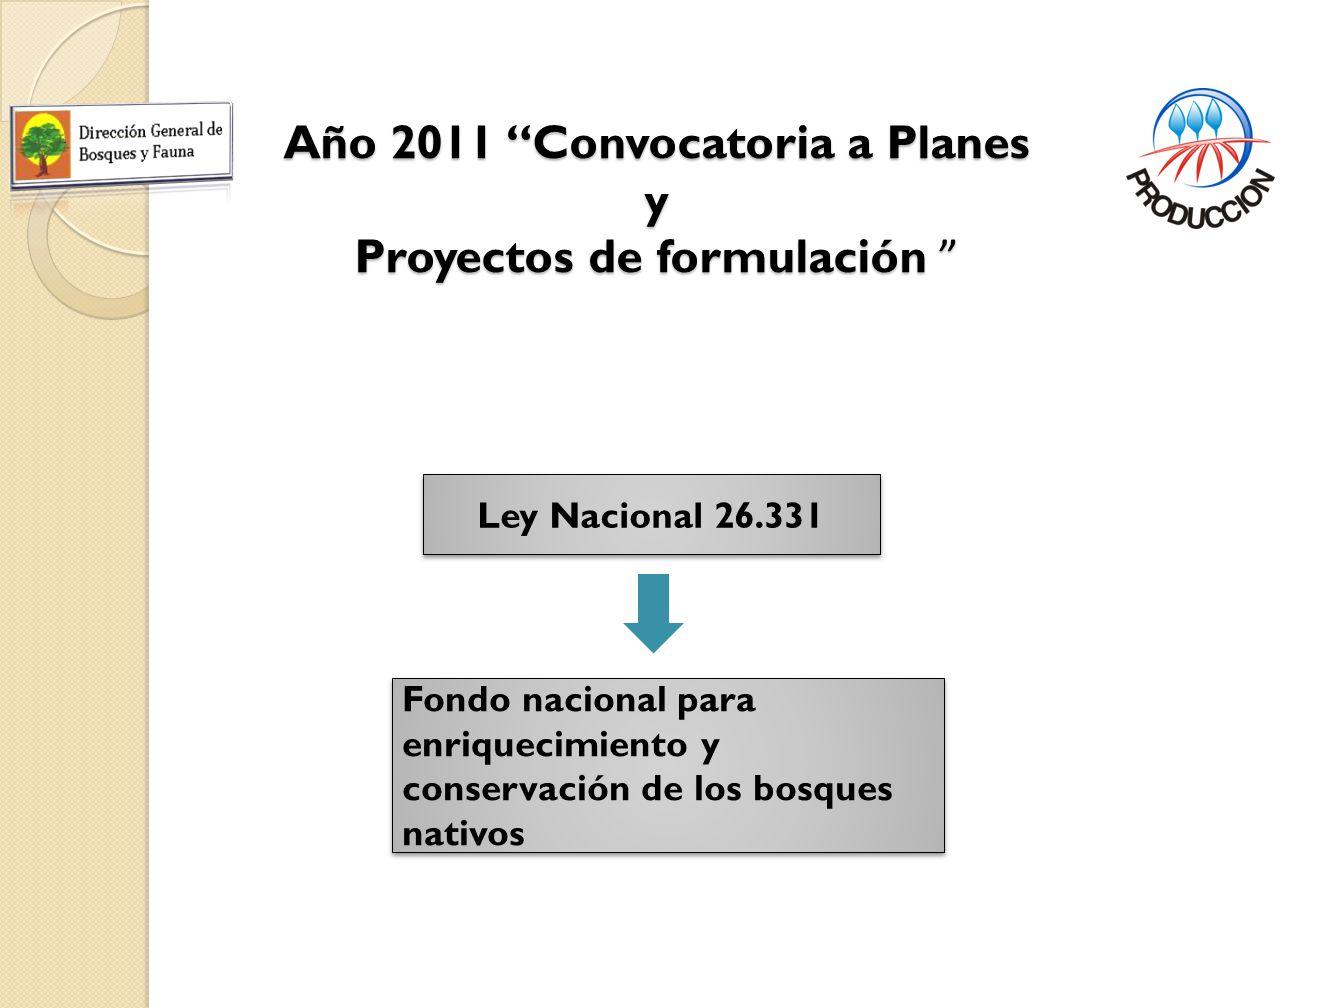 Año 2011 Convocatoria a Planes y Proyectos de formulación Año 2011 Convocatoria a Planes y Proyectos de formulación Ley Nacional 26.331 Fondo nacional para enriquecimiento y conservación de los bosques nativos